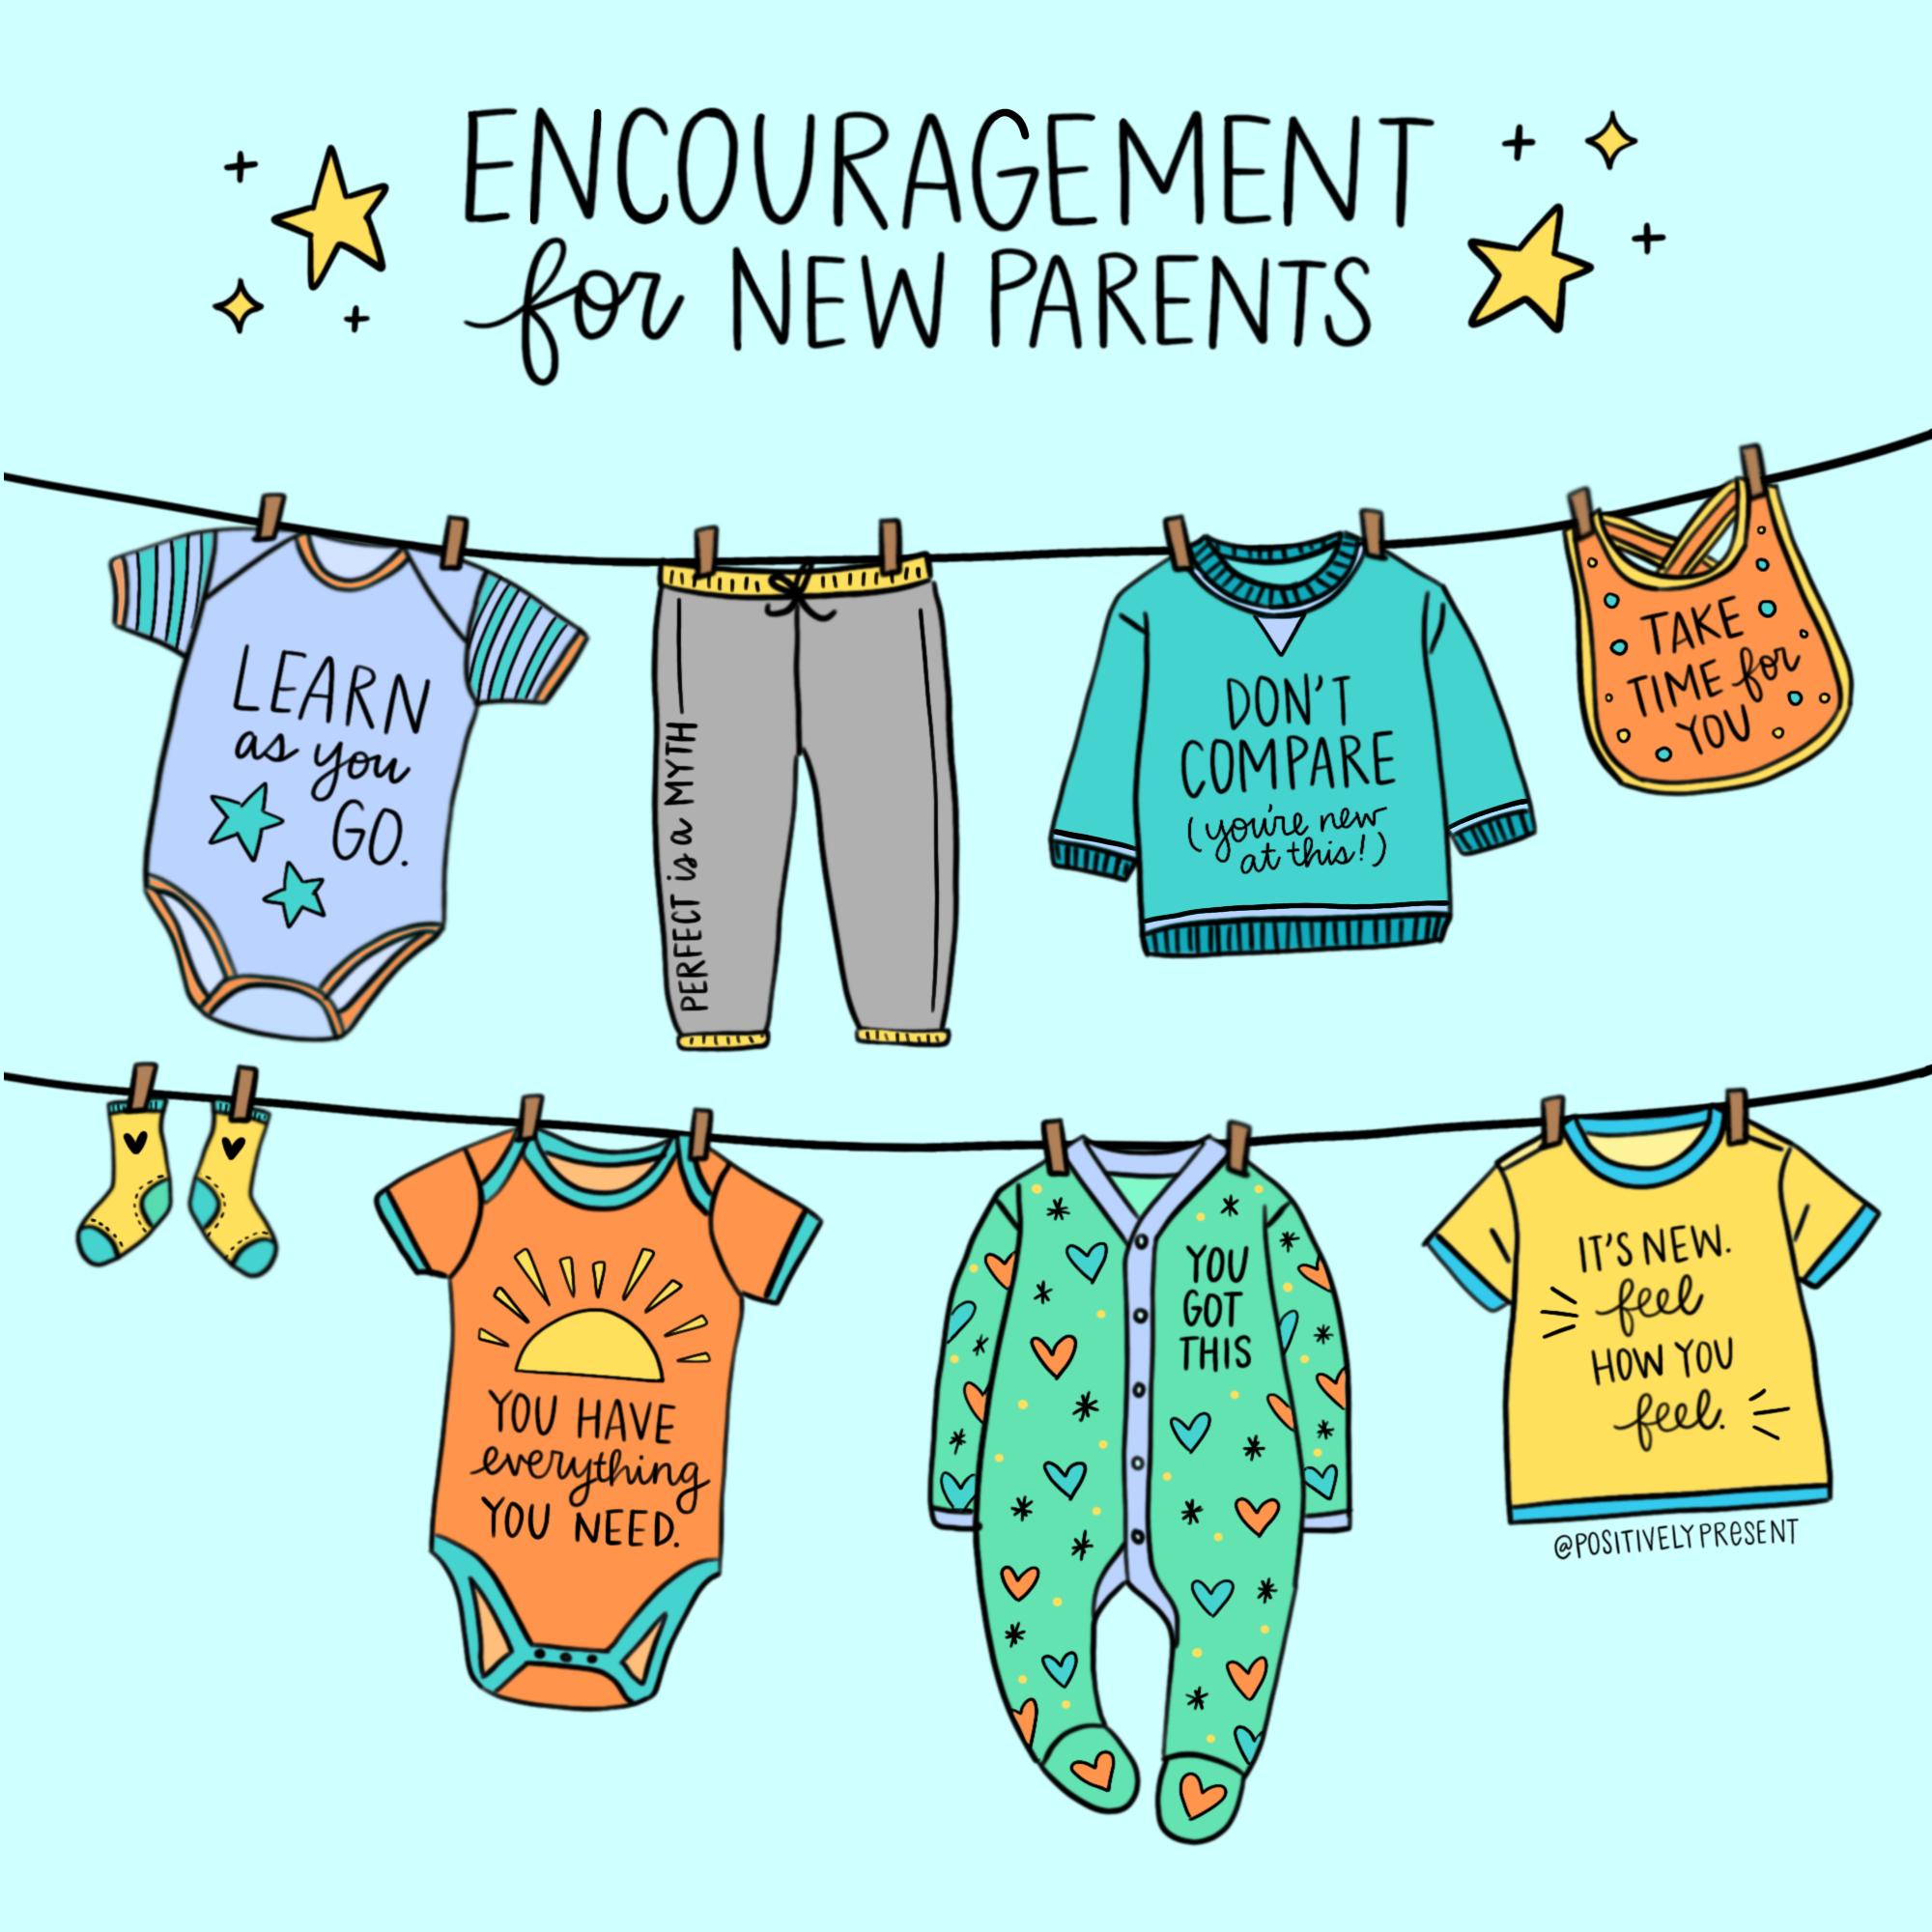 encouragement for new parents